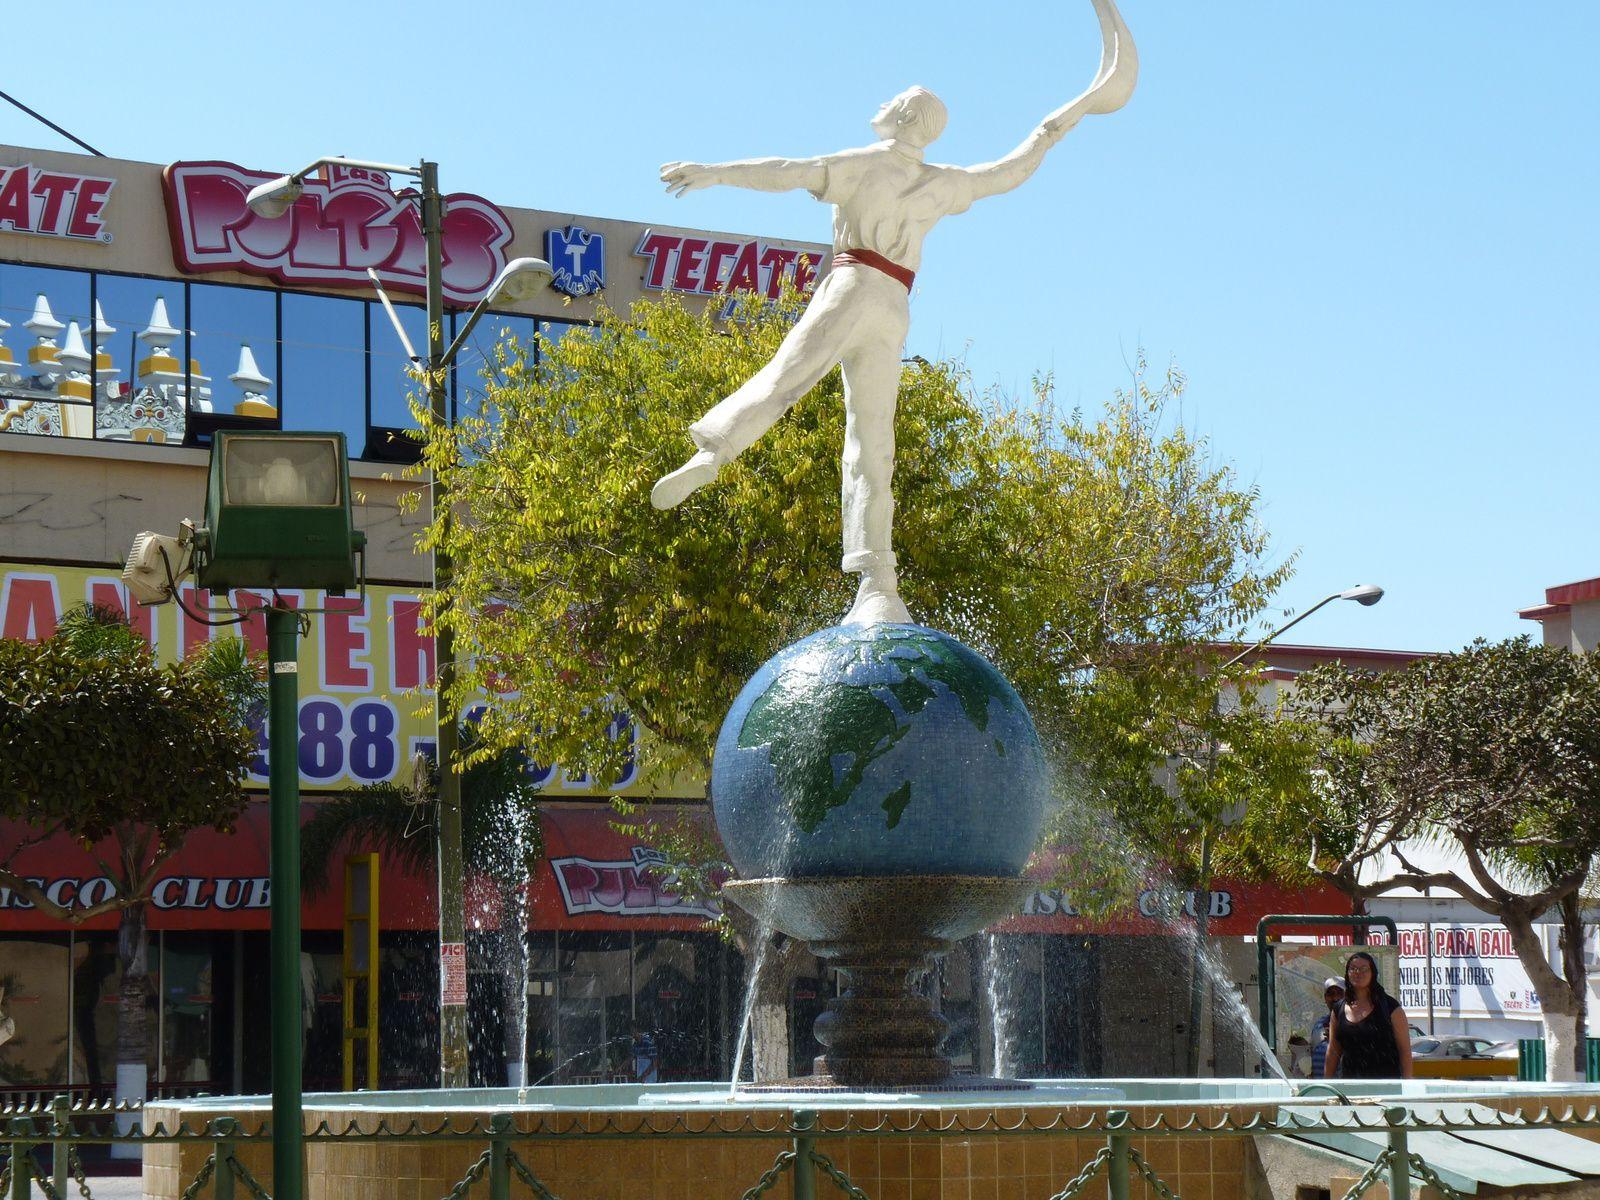 L'occasion pour faire une petite incursion à Tijuana.